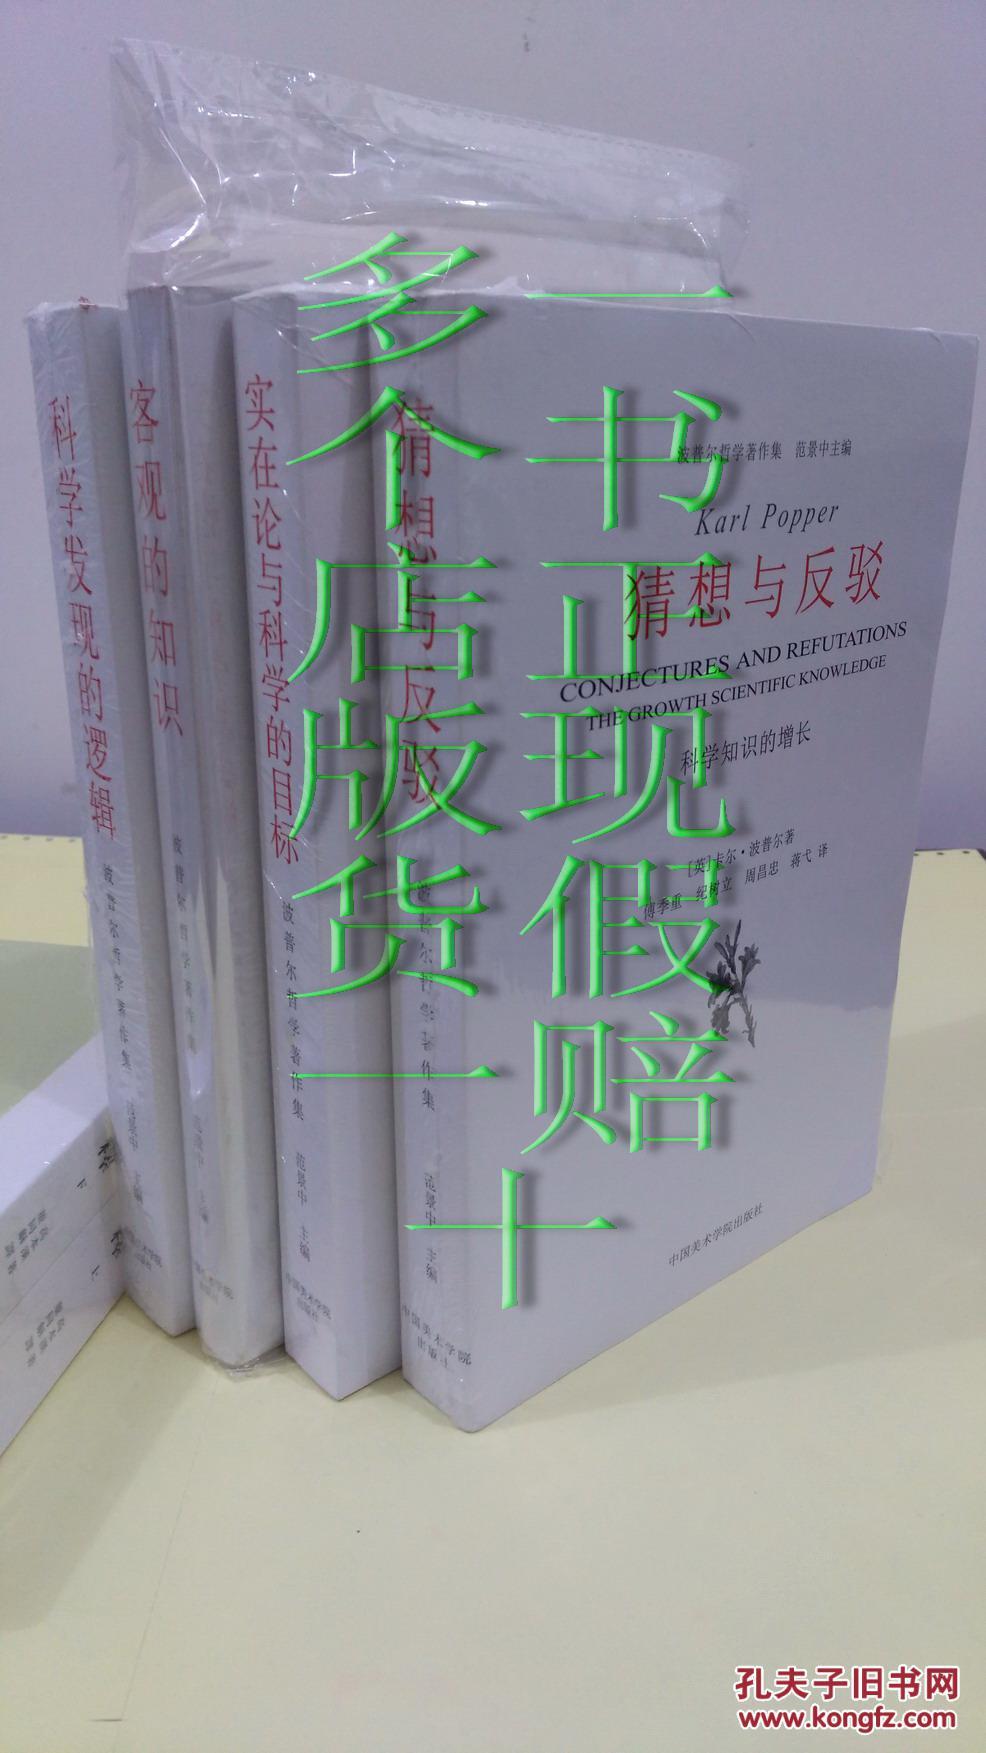 波普尔哲学著作集:猜想与反驳/科学发现的逻辑/客观的知识/实在论与科学的目标 全4册合售